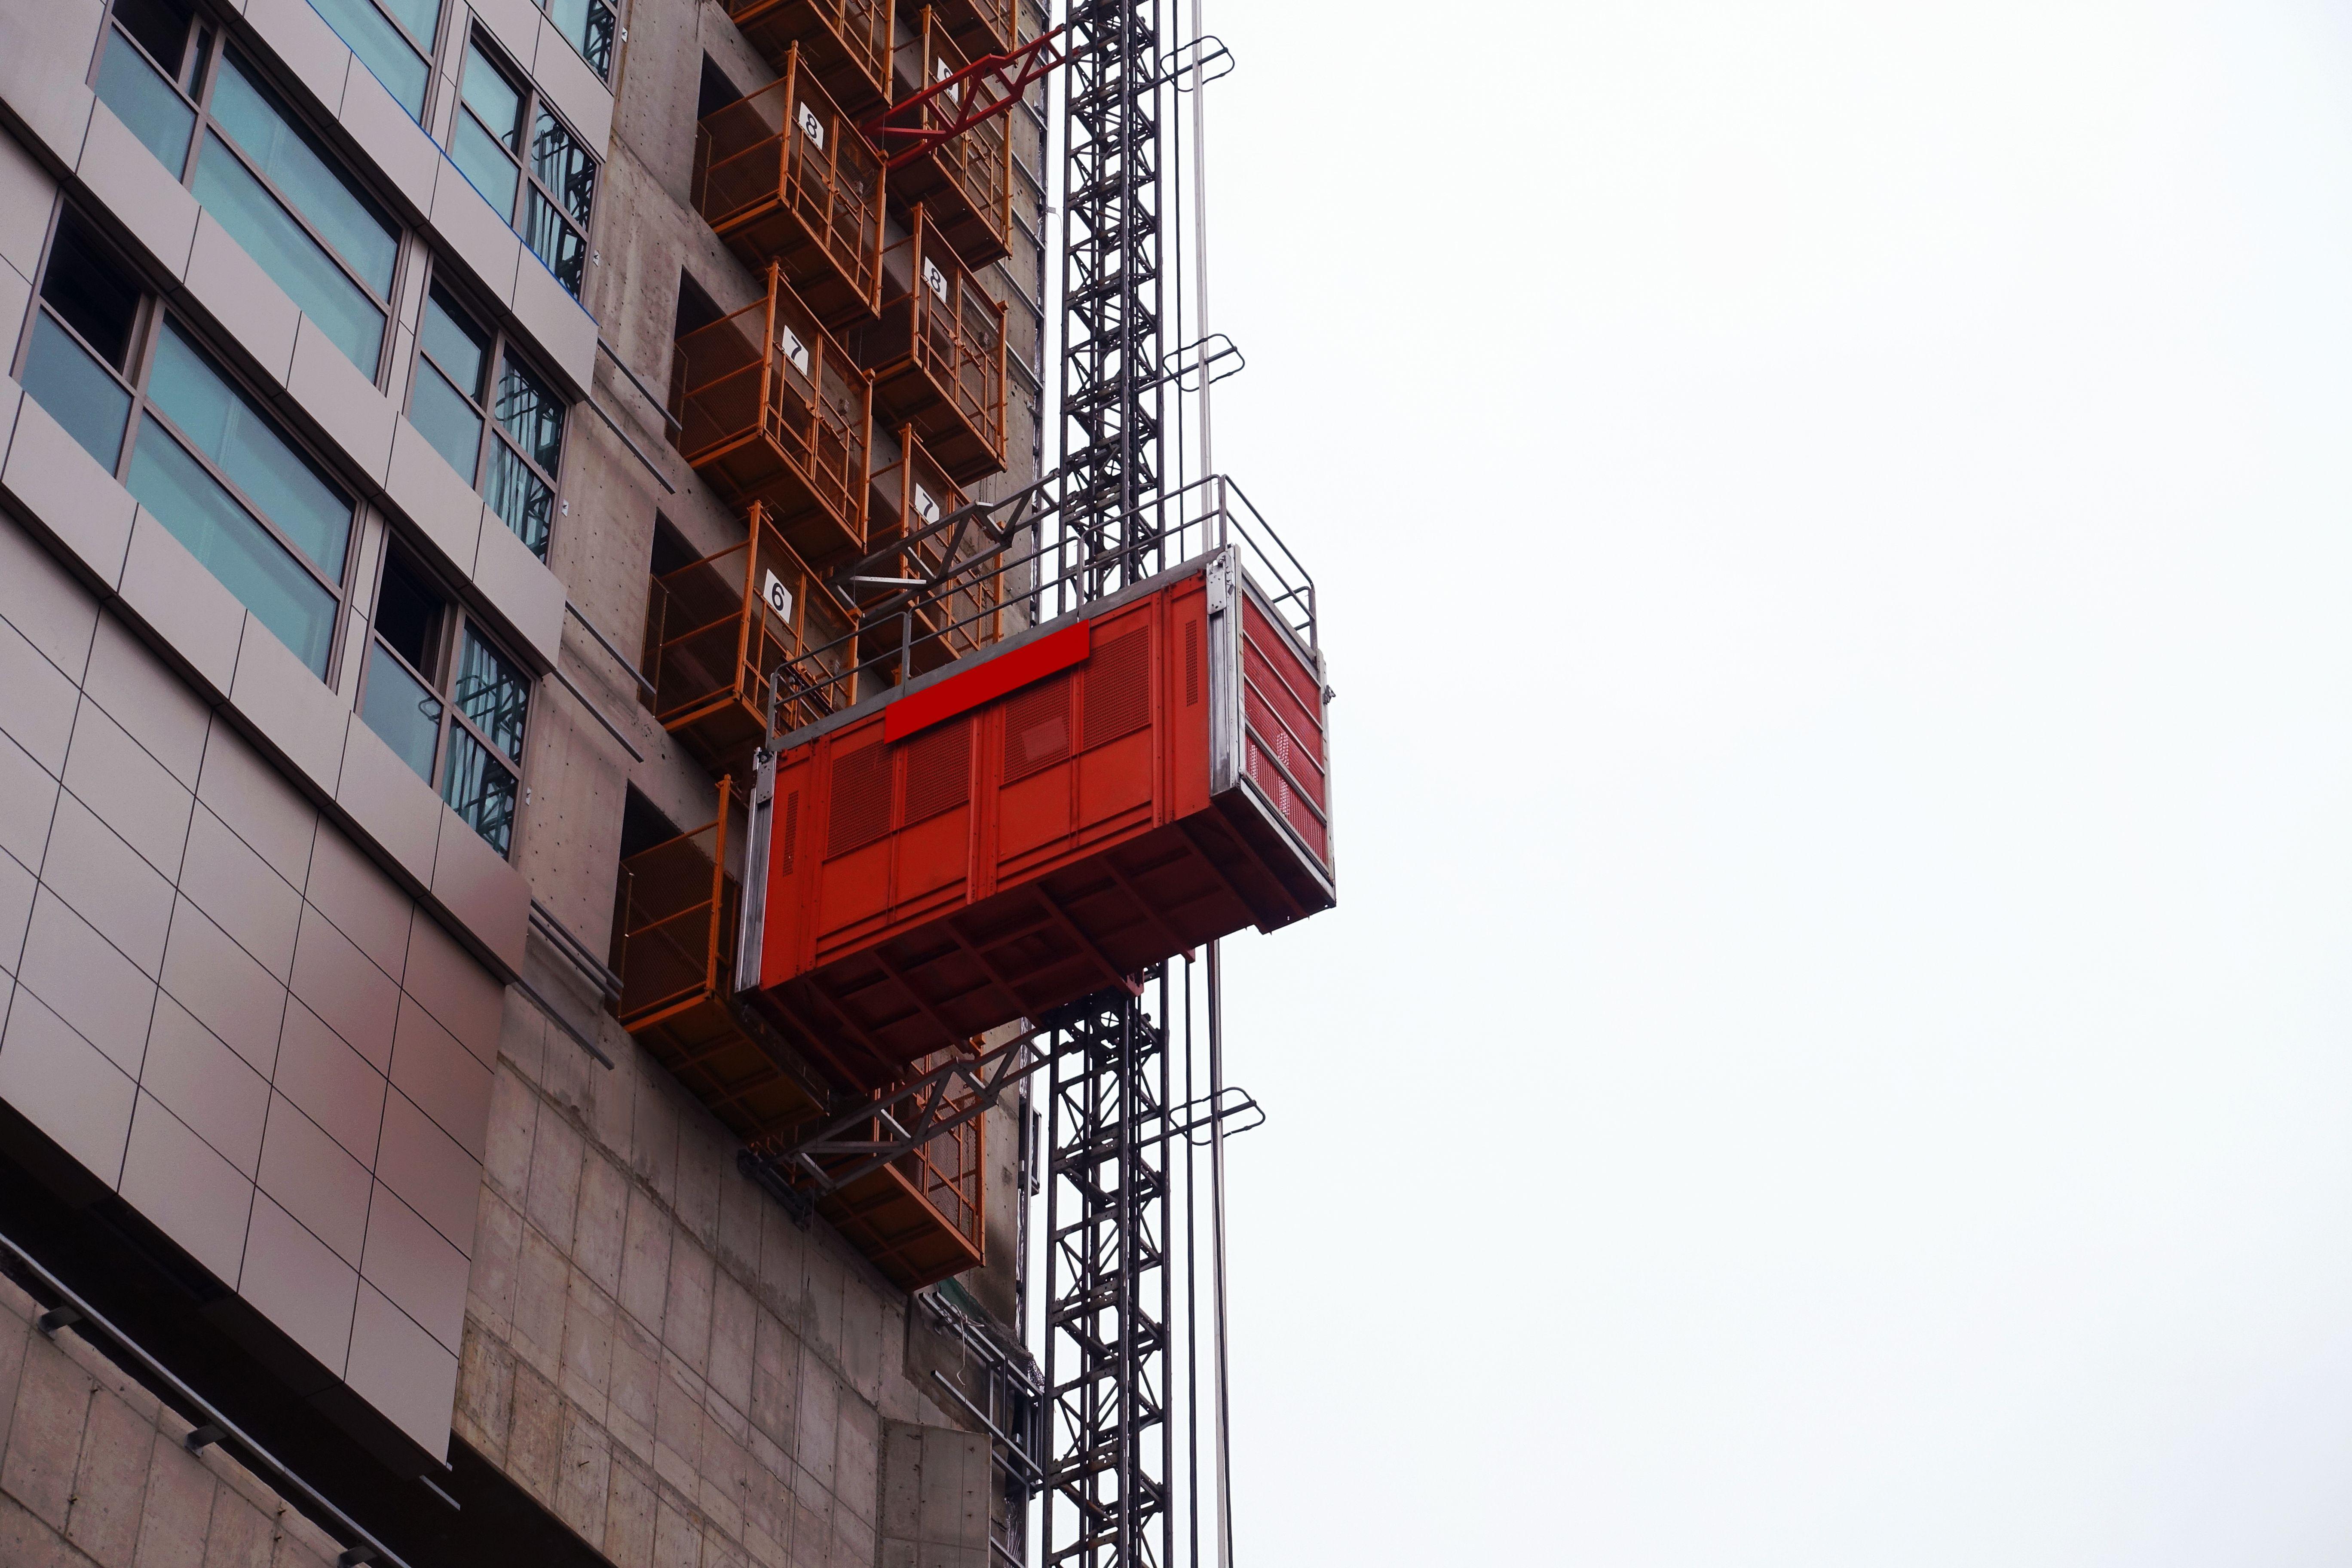 Ascensores: Servicios de Construcciones Teschez, S.L.